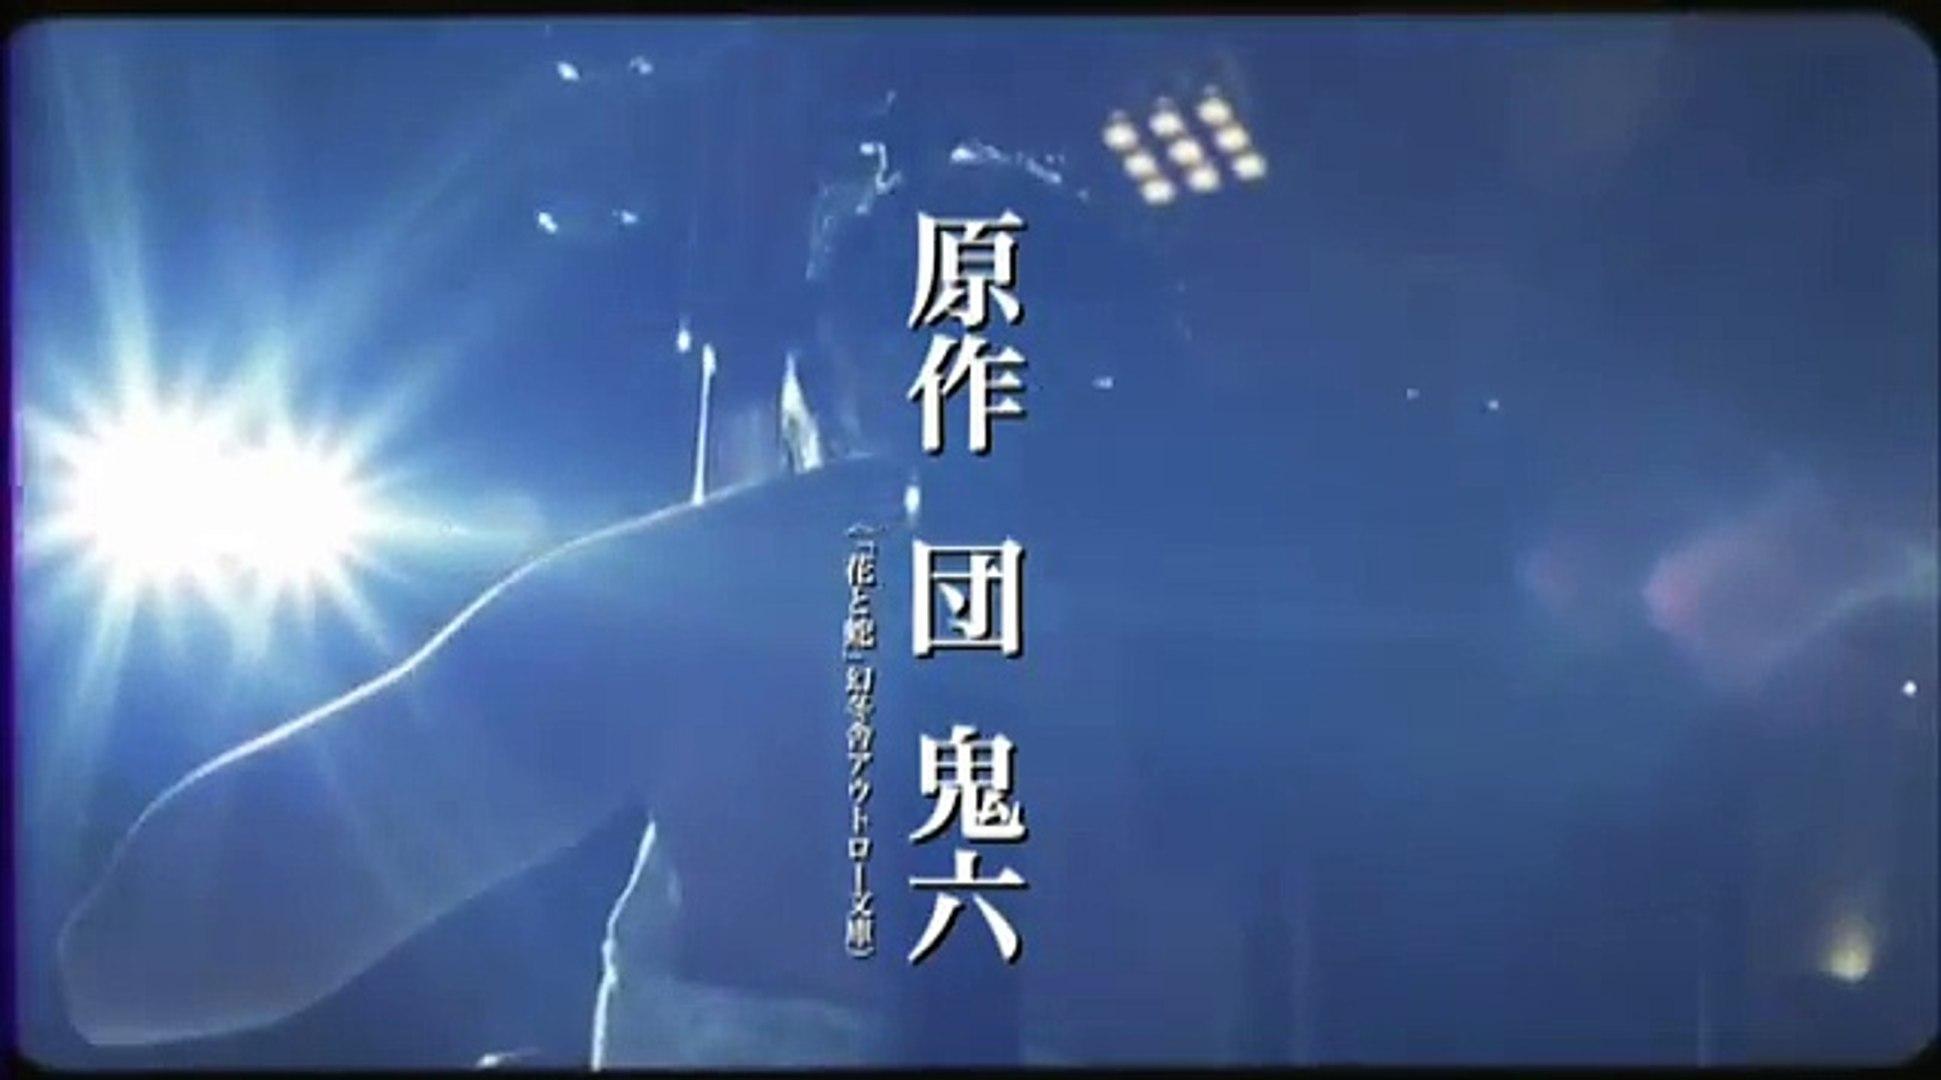 映画『花と蛇3』禁断の予告編解禁!! - video Dailymotion